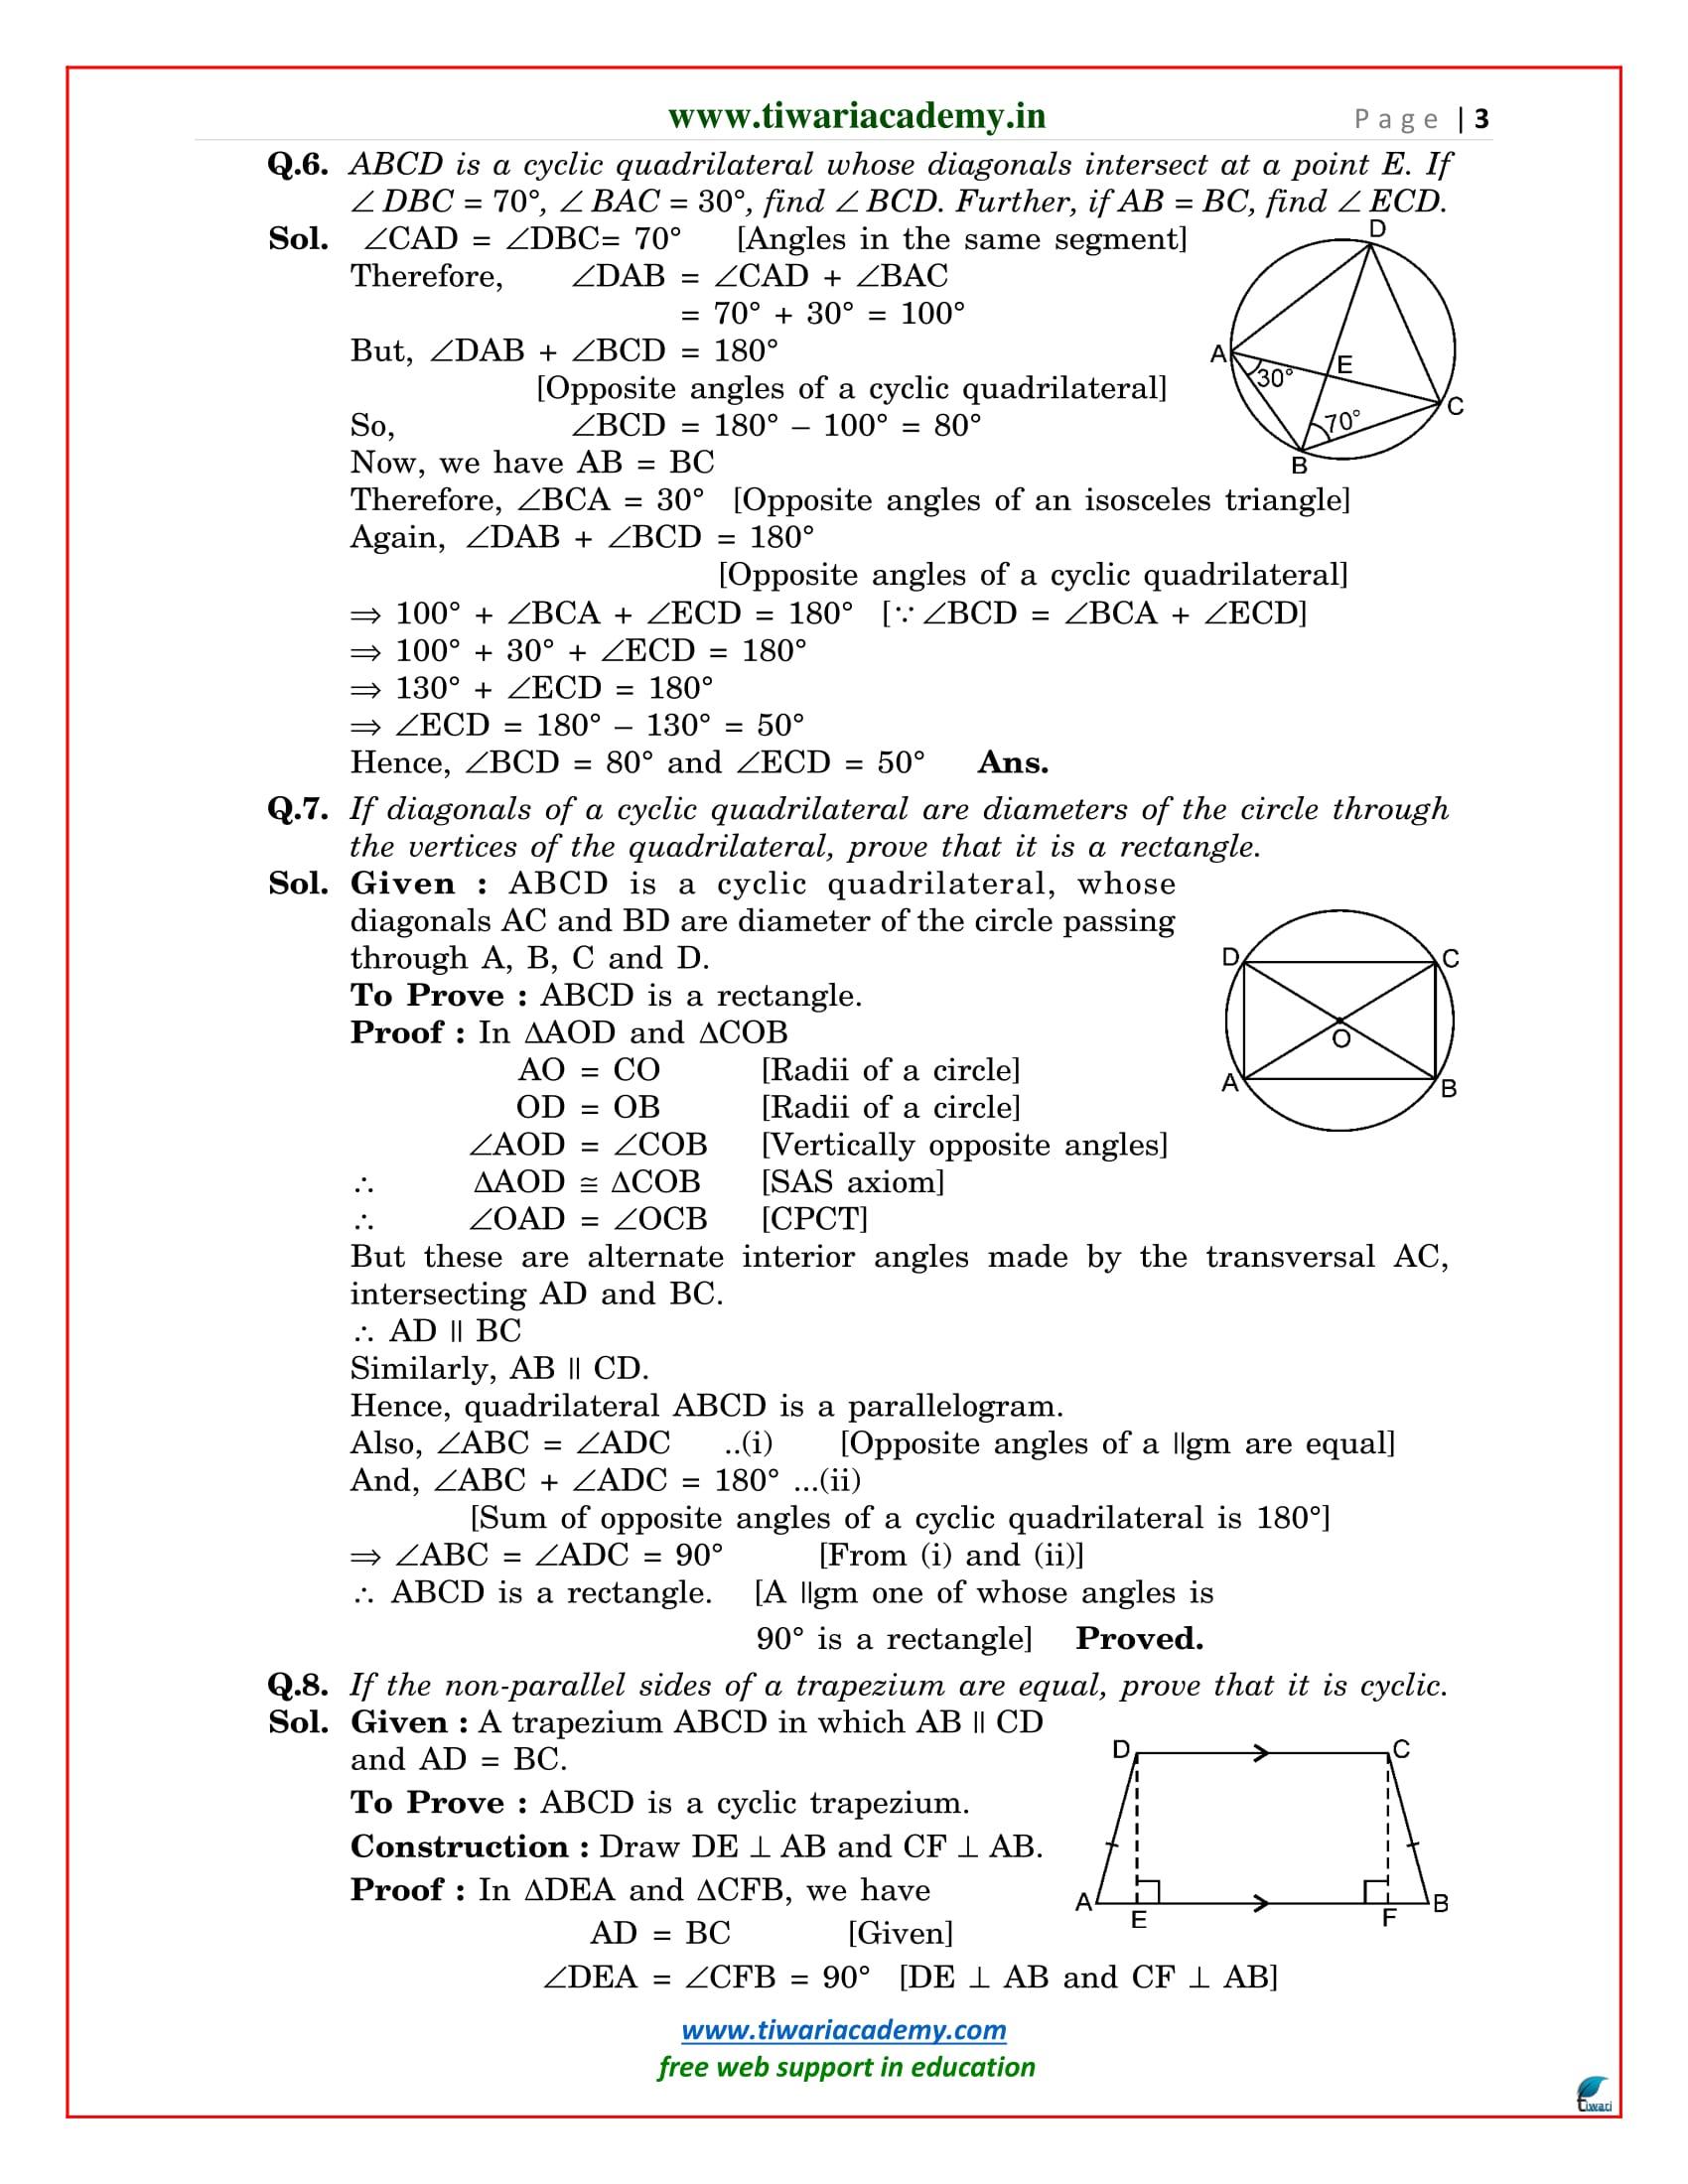 class 9 maths chapter 10.5 sols